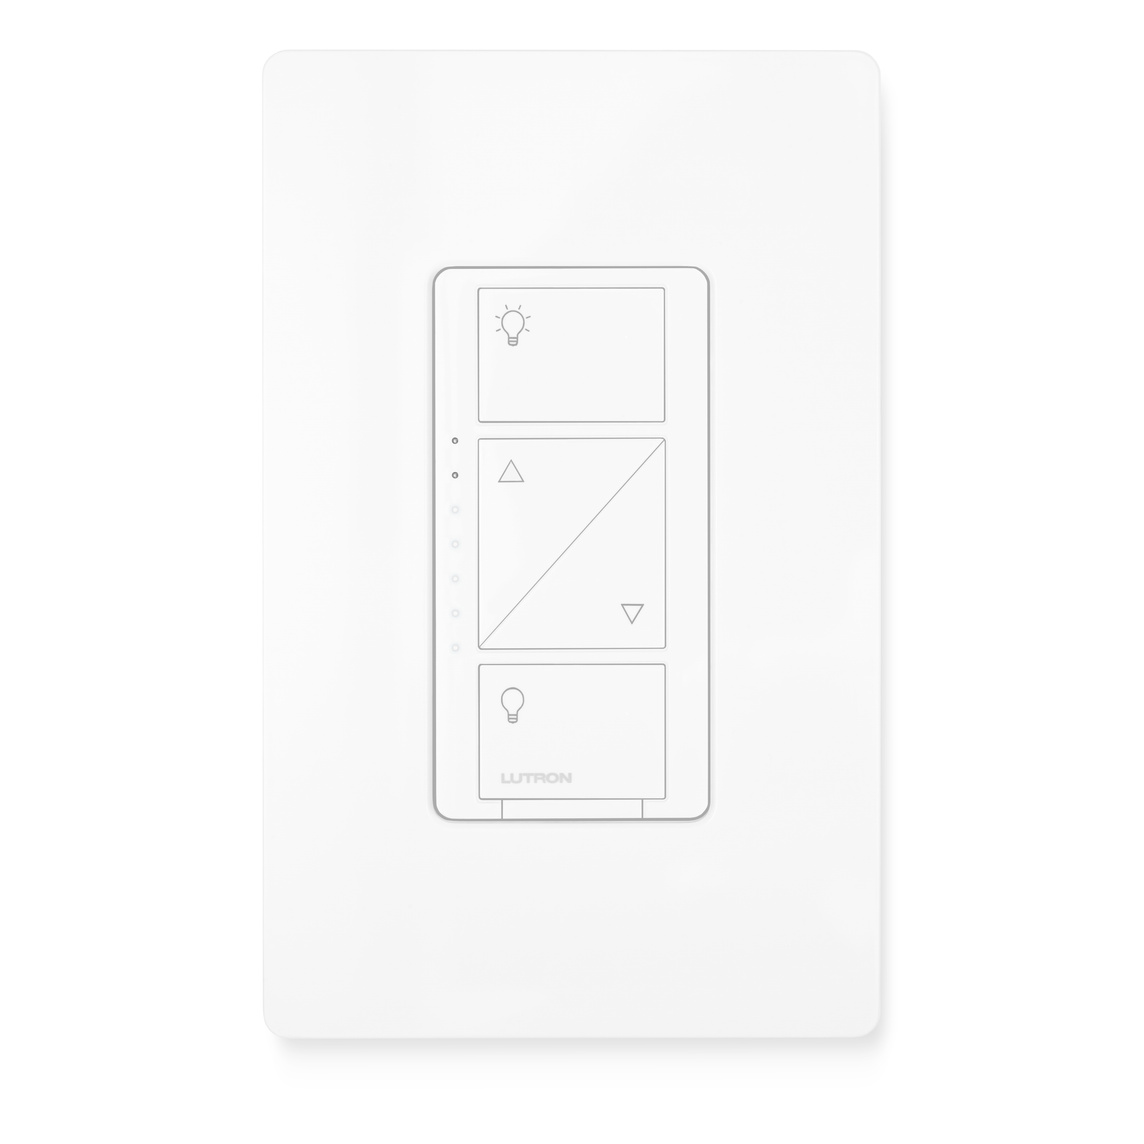 Lutron Caséta Wireless Smart Lighting